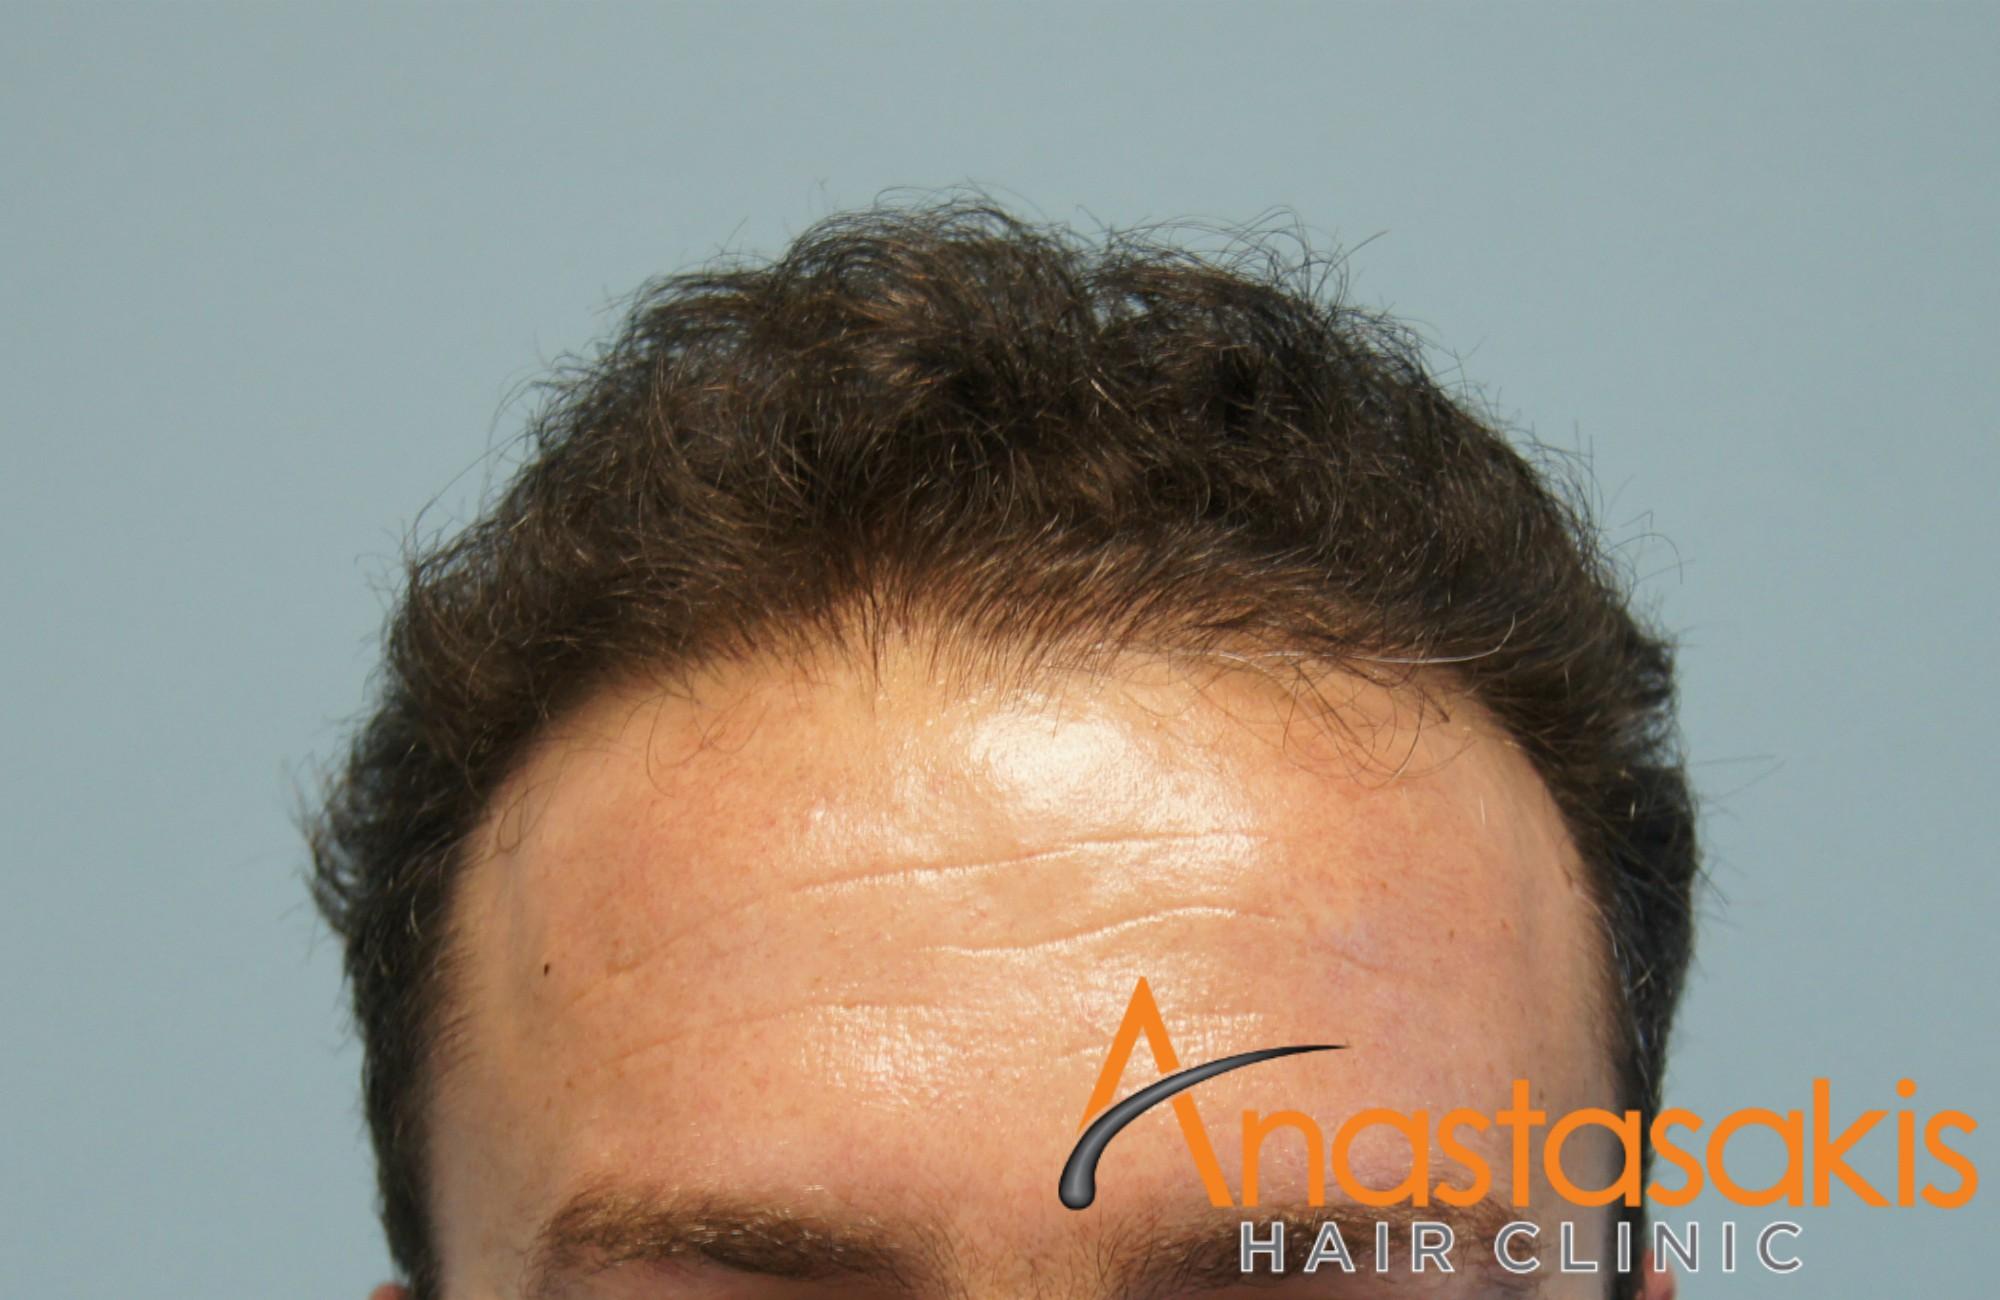 άνδρας μετά την εμφύτευση μαλλιών fut με 3500fus hairline